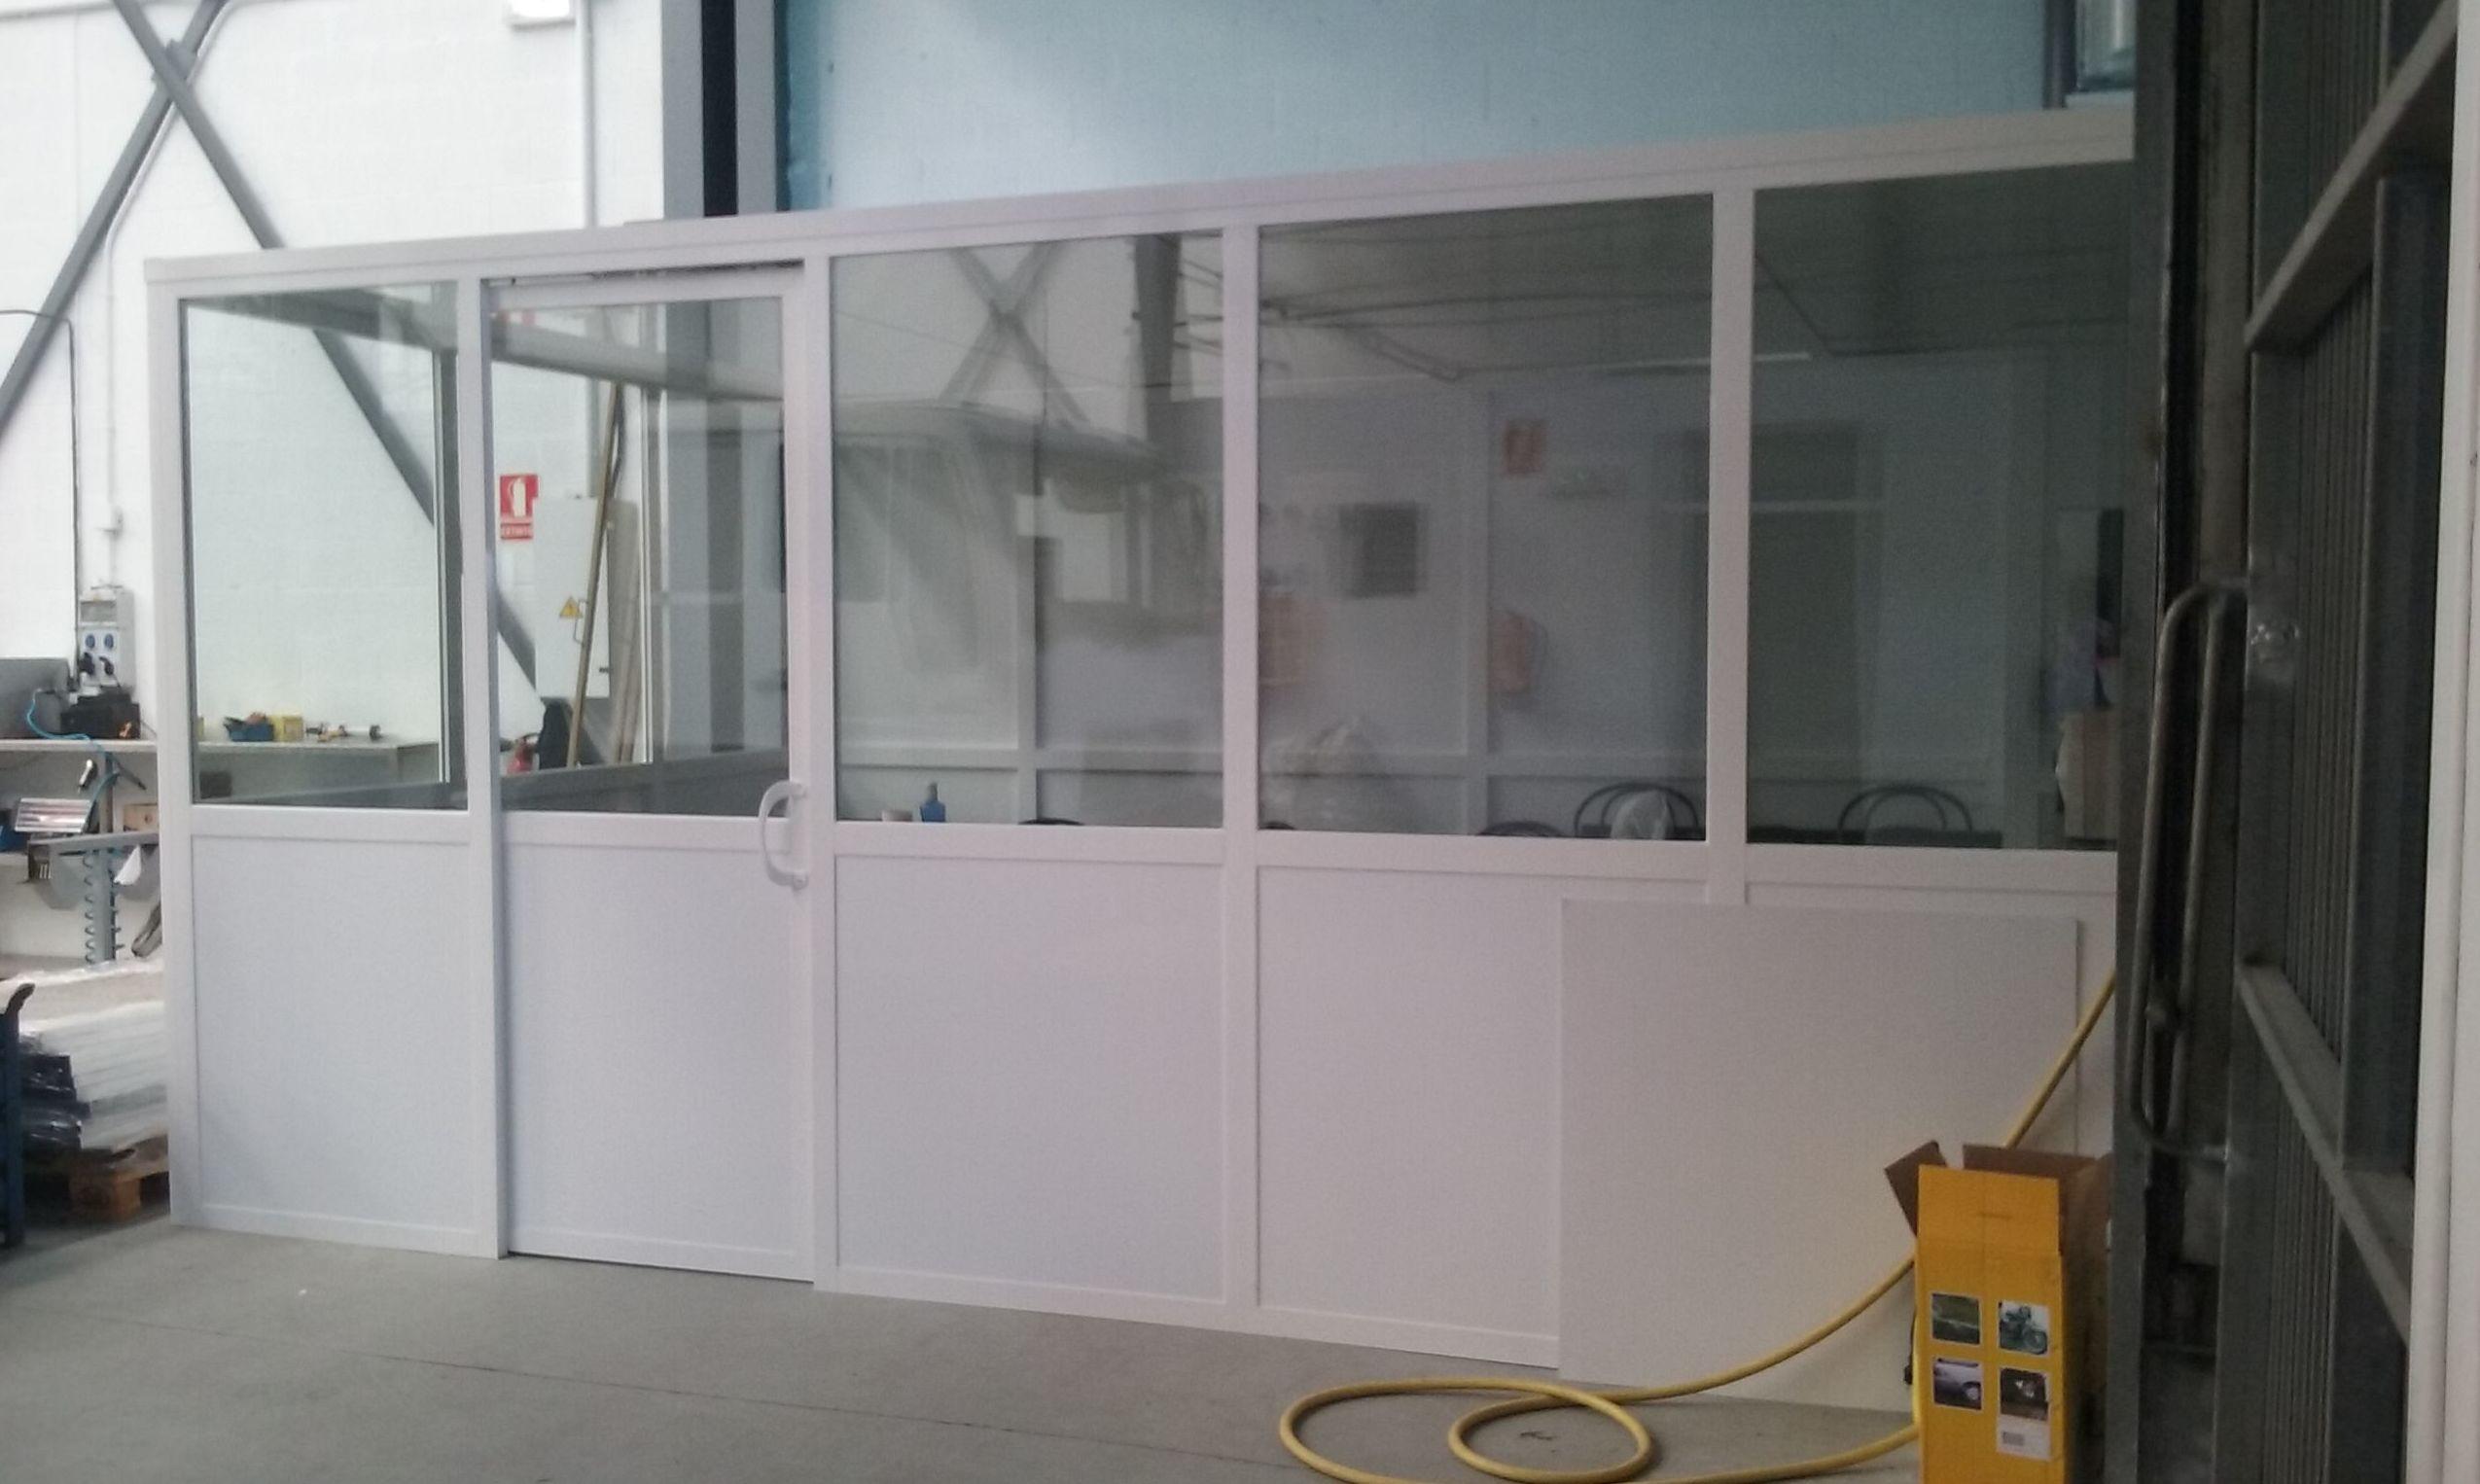 TIPOS DE CERRAMIENTOS EN ALUMINIO Y VIDRIO: Servicios de Exposición, Carpintería de aluminio- toldos-cerrajeria - reformas del hogar.